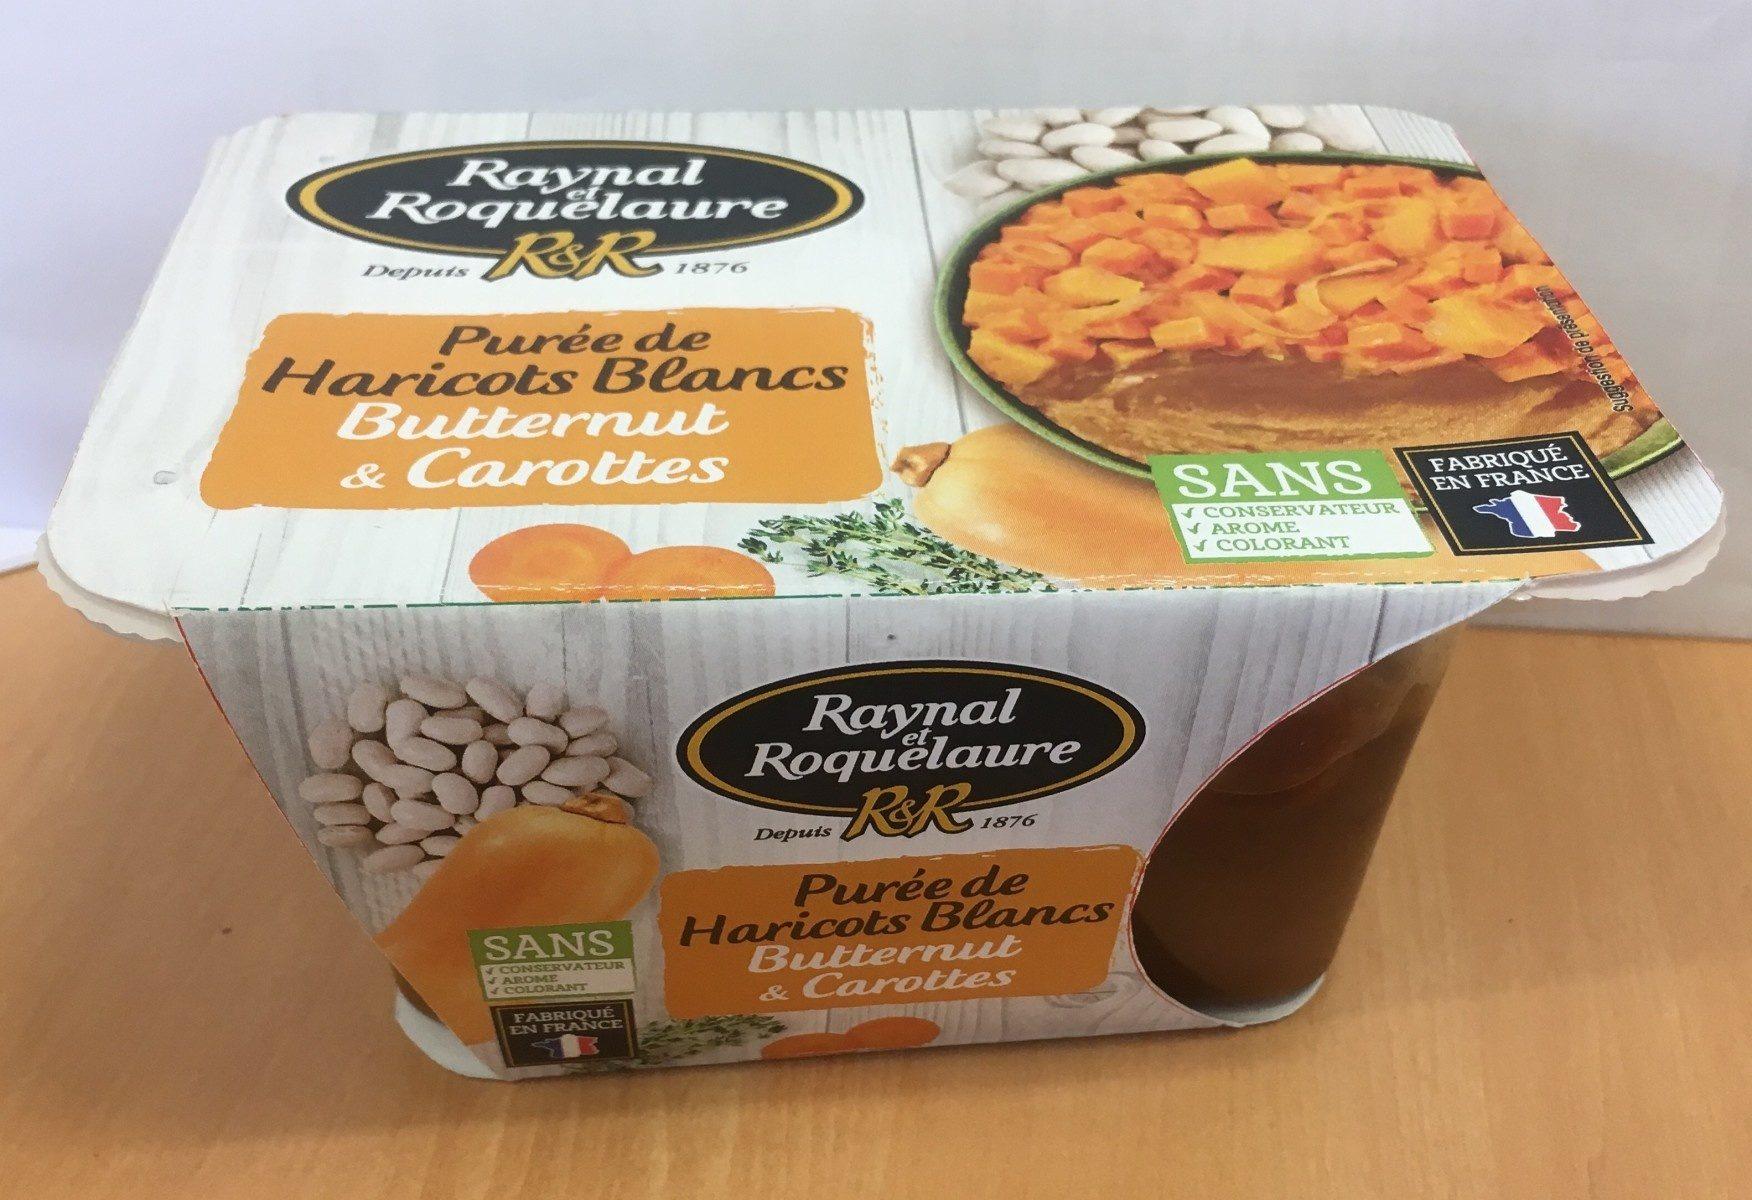 Purée de Haricots blancs, butternut & carottes - Product - fr